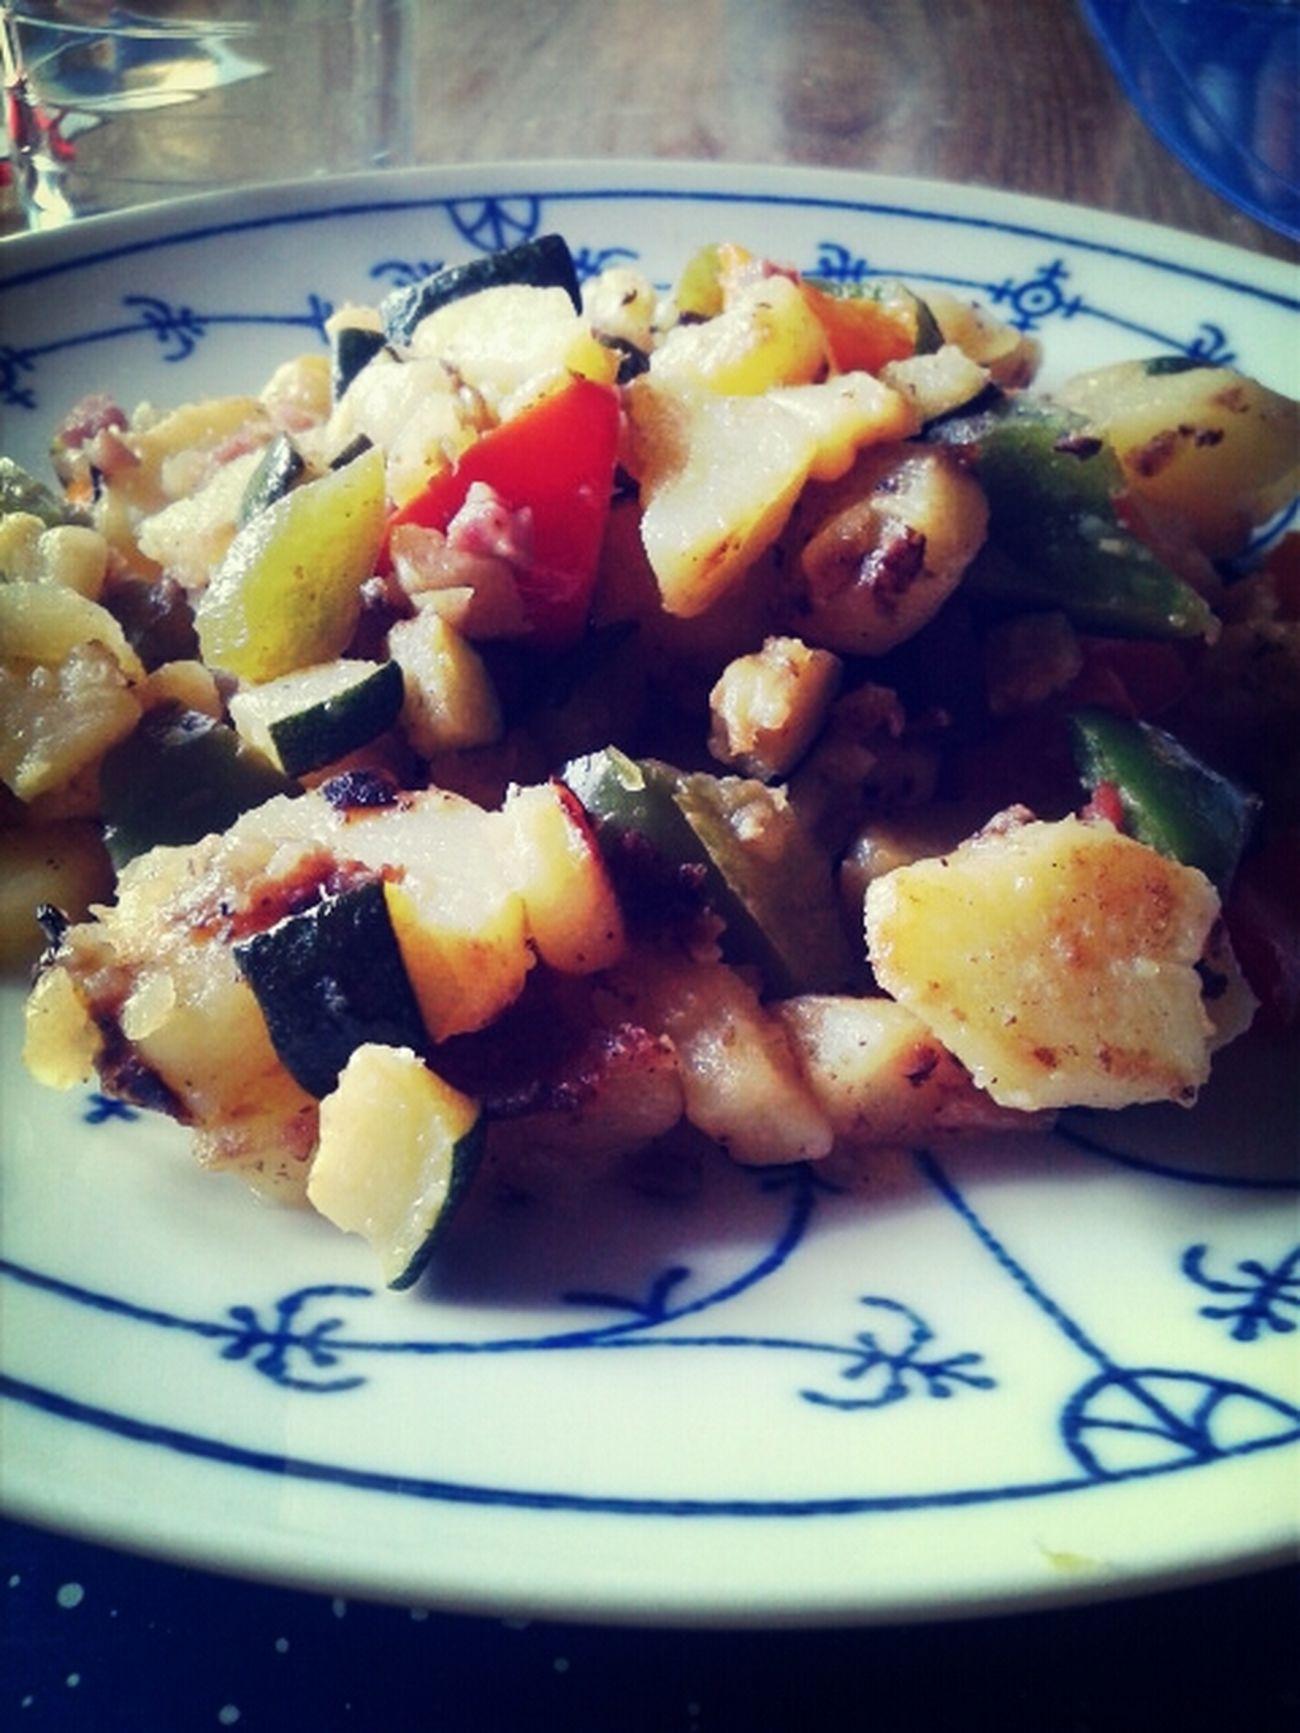 Huhu. Mein Mittagessen. Bratkartoffeln und Gemüse allerlei.